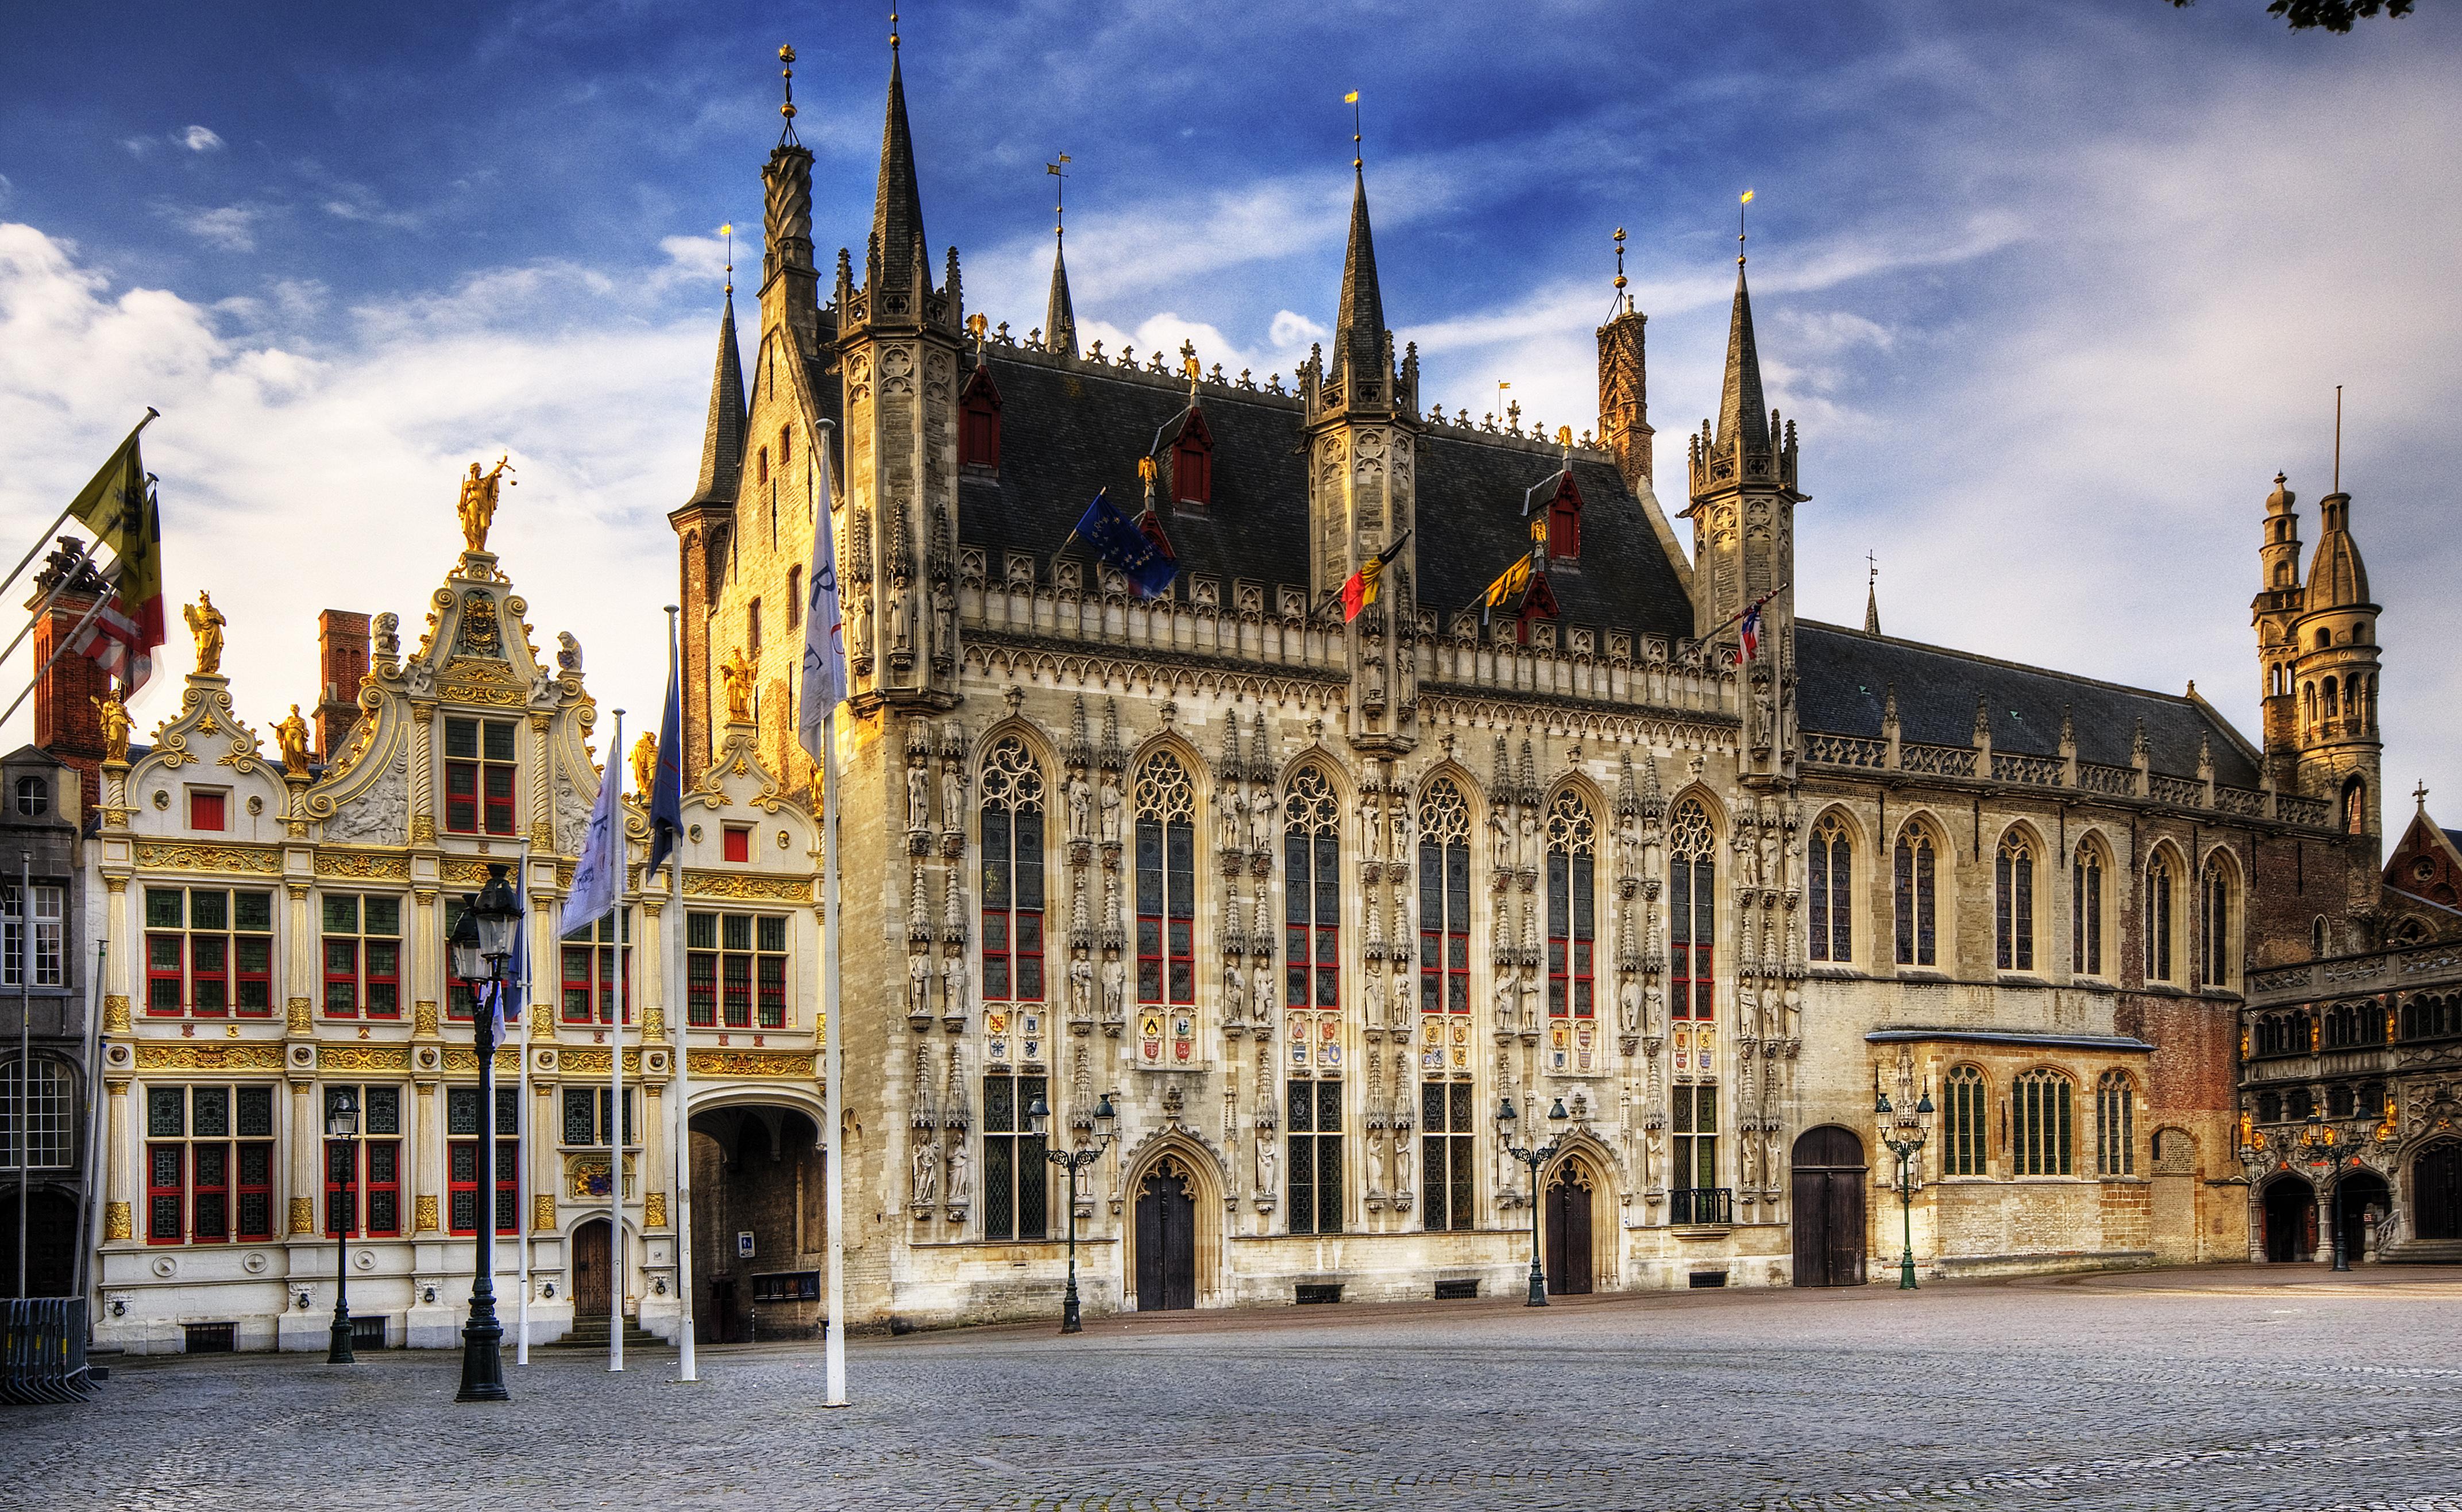 City Hall Bruges (Stadhuis), Bangunan Bersejarah Sekaligus Landmark Kota Bruges